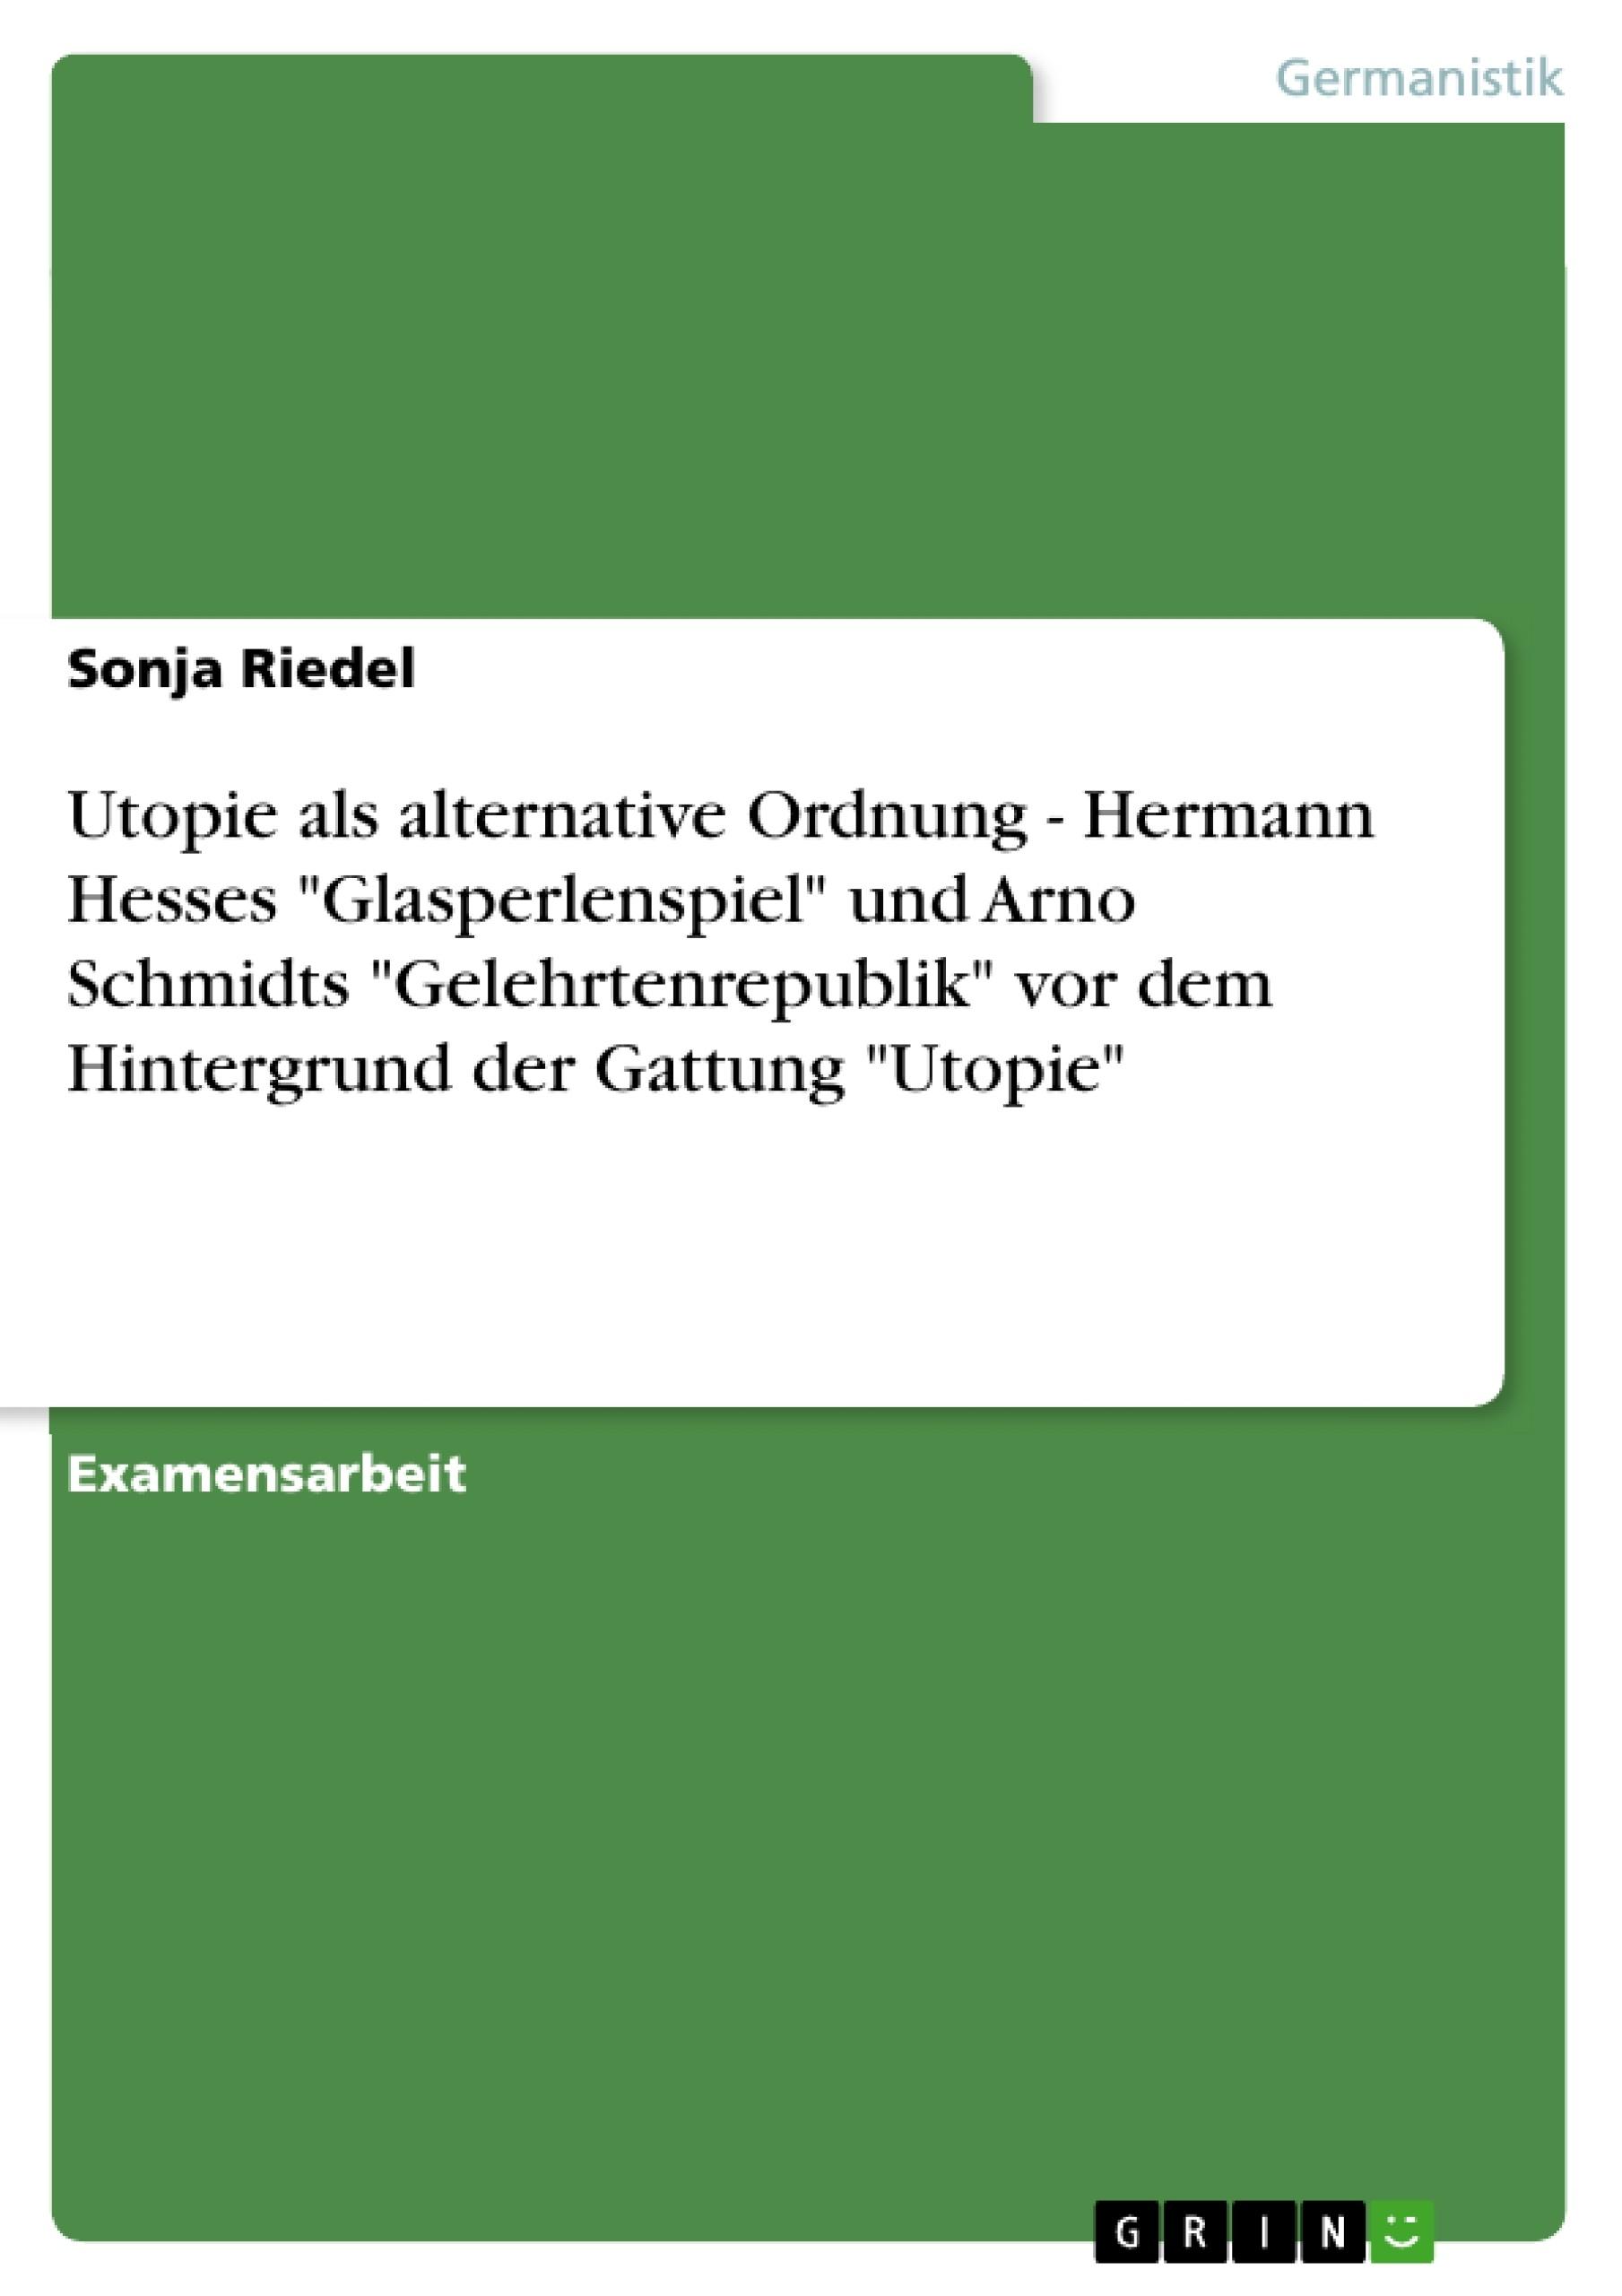 """Titel: Utopie als alternative Ordnung - Hermann Hesses """"Glasperlenspiel"""" und Arno Schmidts """"Gelehrtenrepublik"""" vor dem Hintergrund der Gattung """"Utopie"""""""